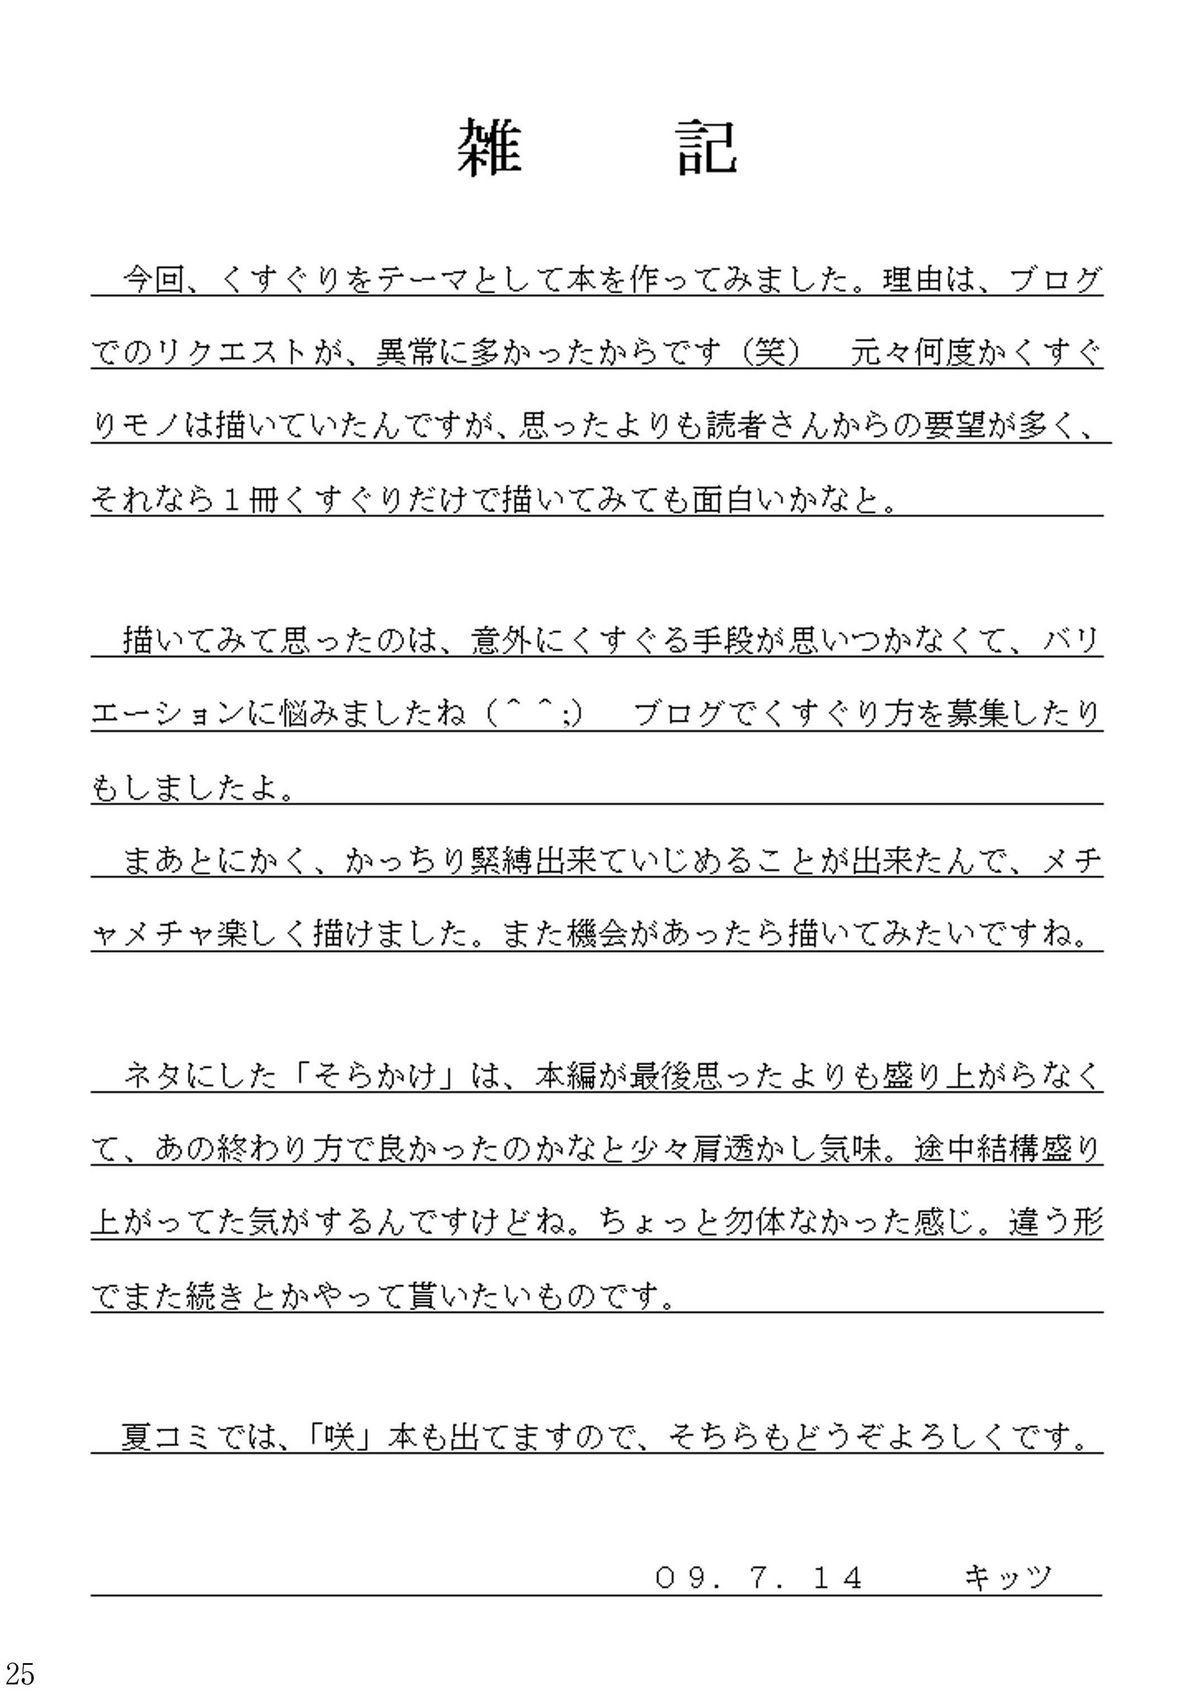 Seishin Houkai suru made Kusuguri Makutte Ryoujoku shite miru Test 24